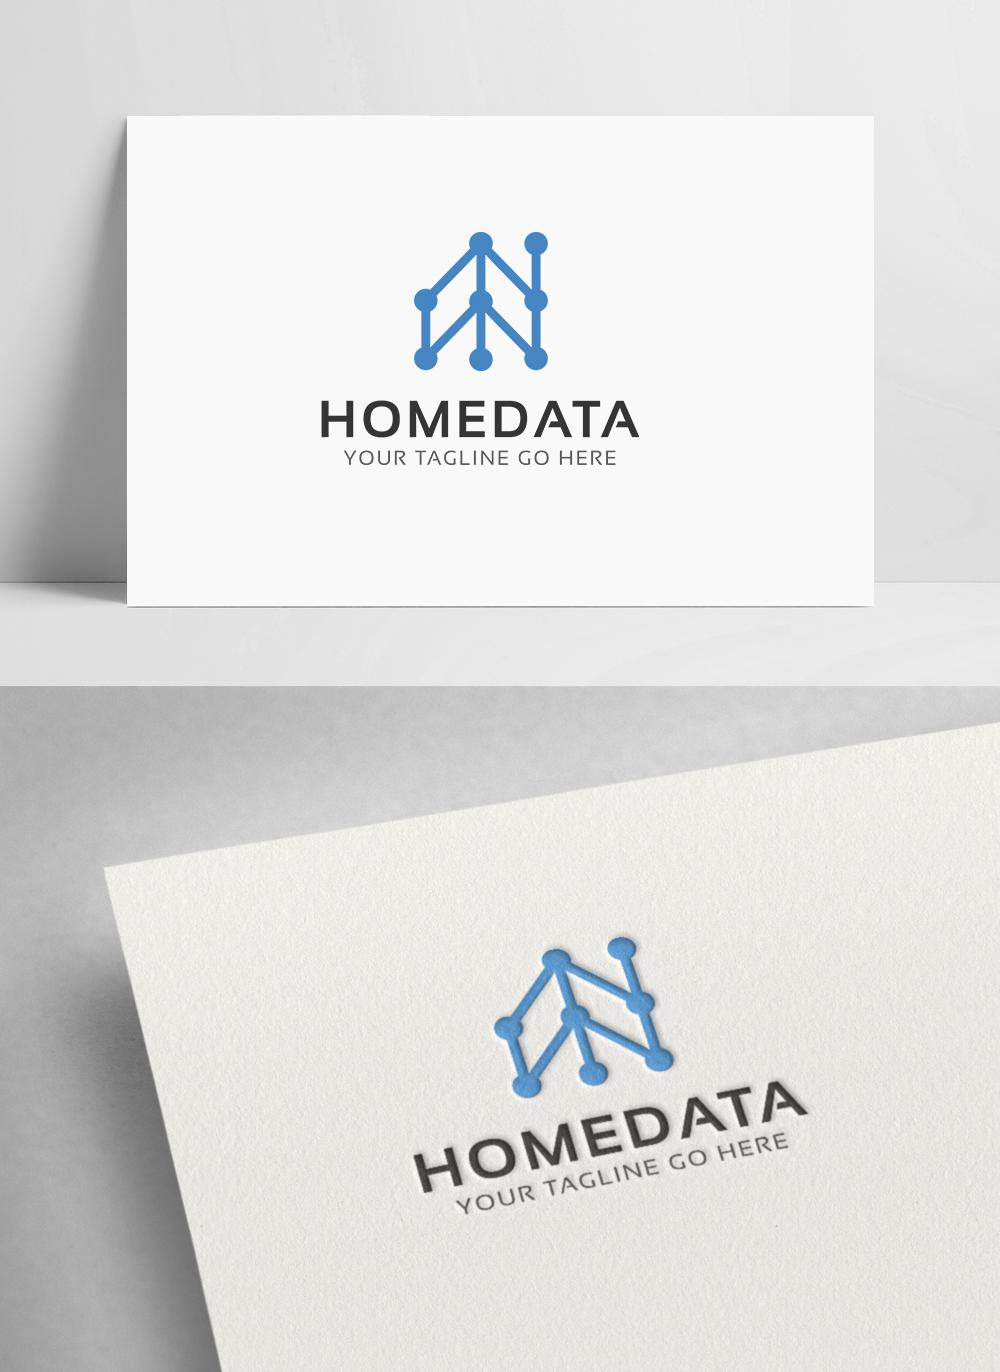 Logo Syarikat Data Gambar Unduh Gratis Imej 450008909 Format Ai My Lovepik Com